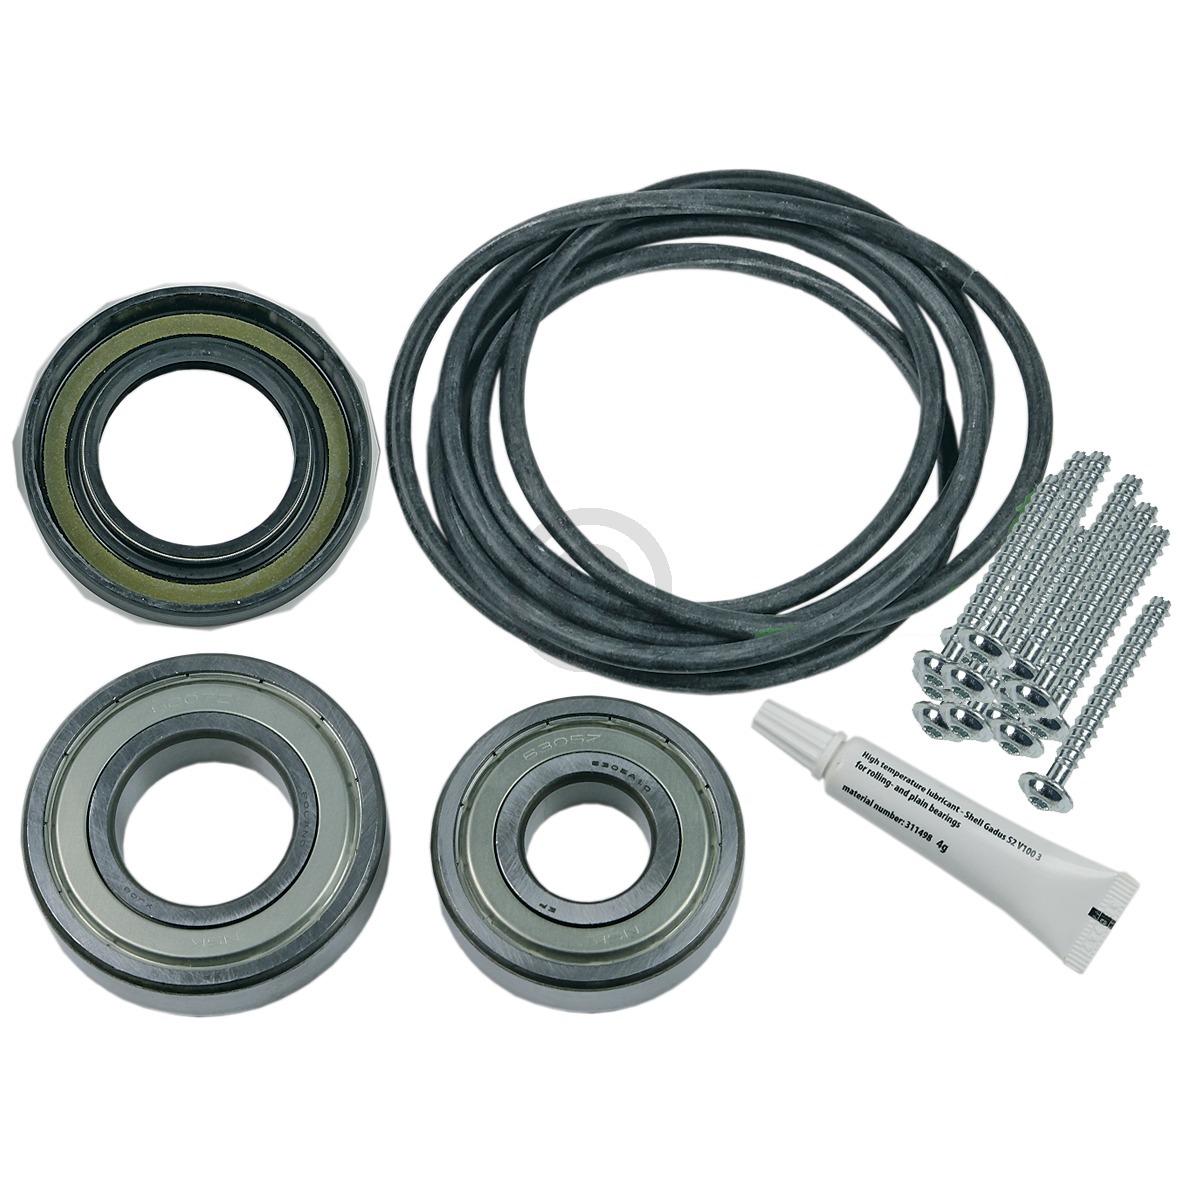 Lagersatz kpl. 00619809 619809 Bosch, Siemens, Neff